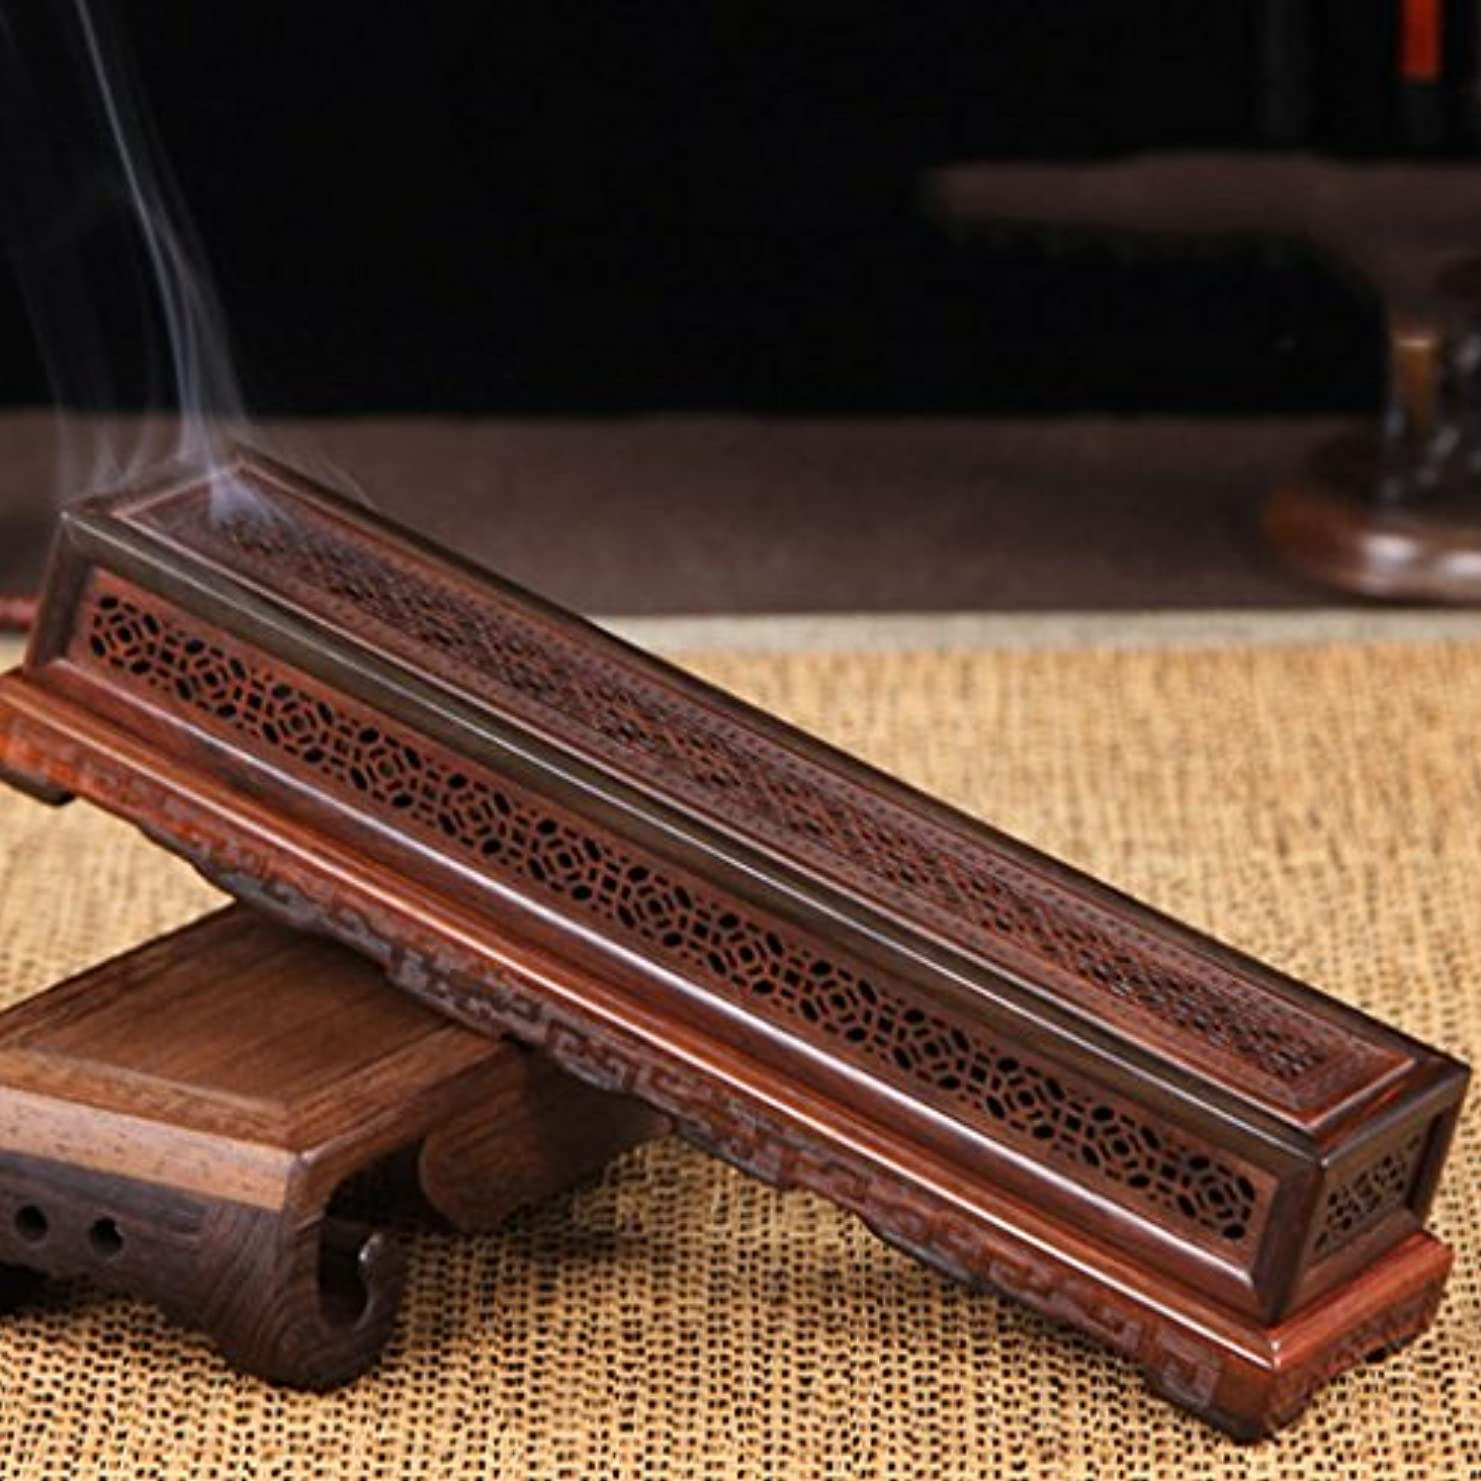 拡散するのれん小石(ラシューバー) Lasuiveur 香炉 香立て 渦巻き線香 線香立て お香立て